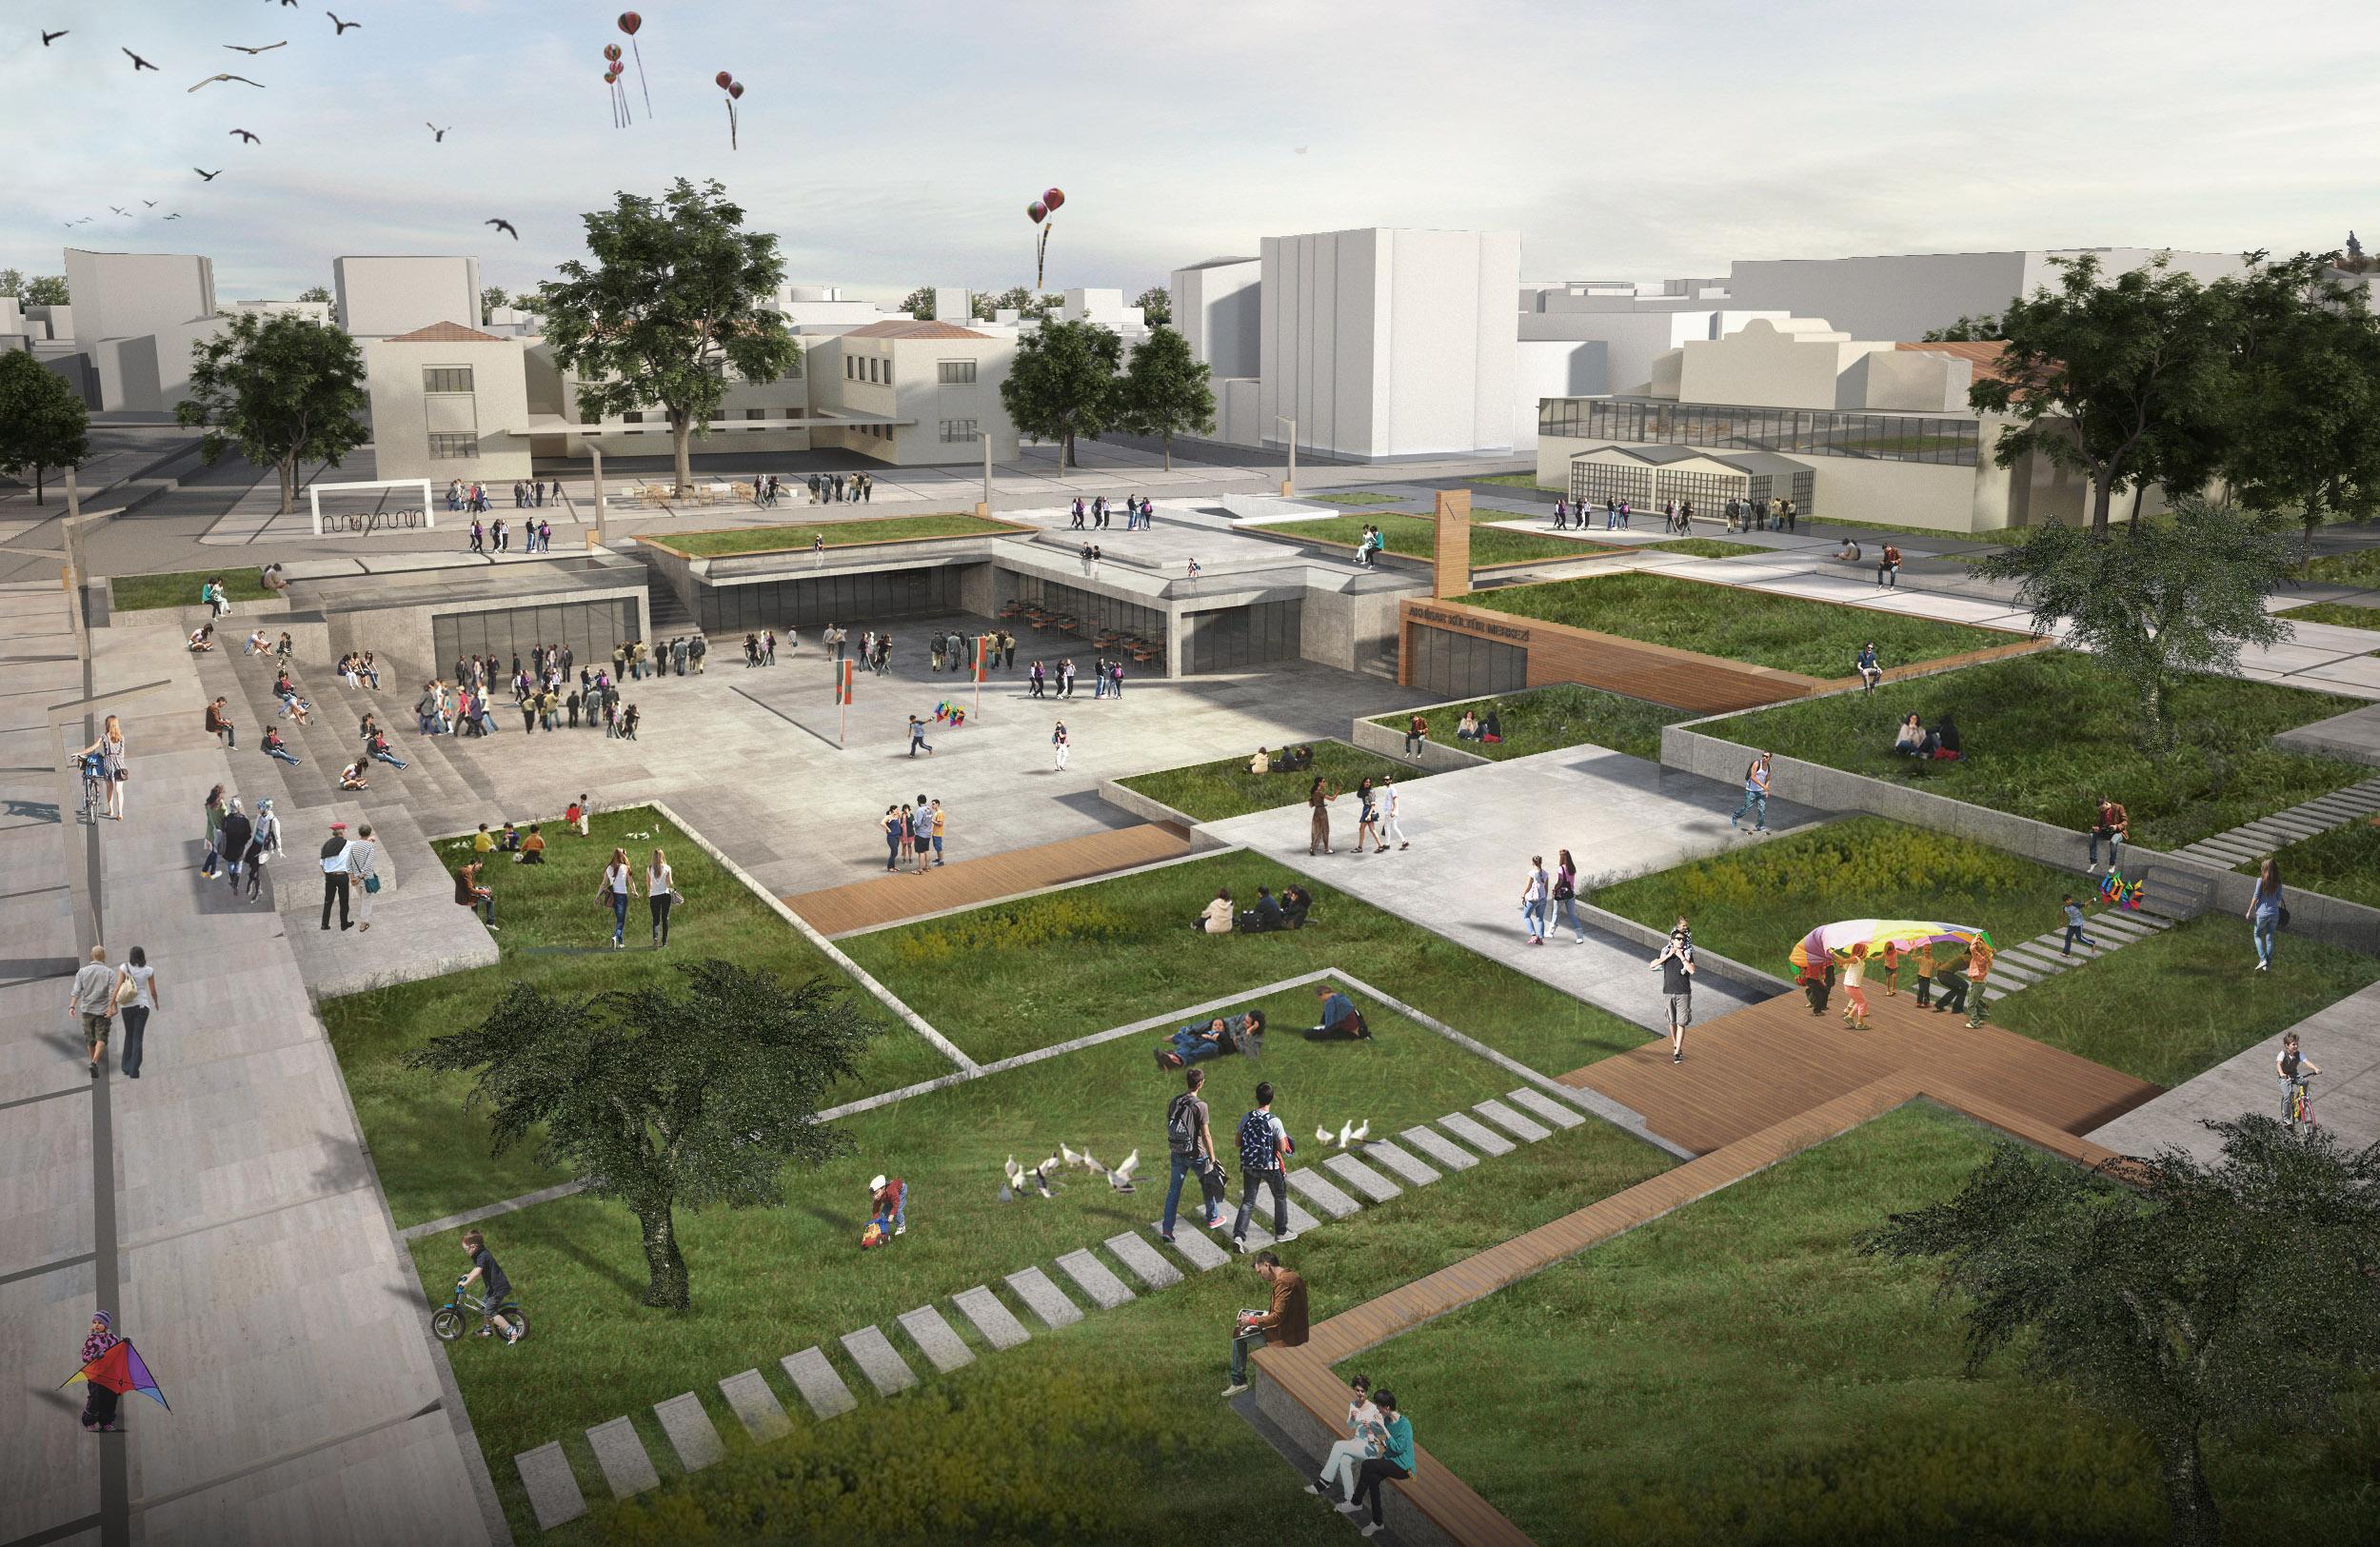 Akhisar Belediye Meydanı Kentsel Tasarım Projesi